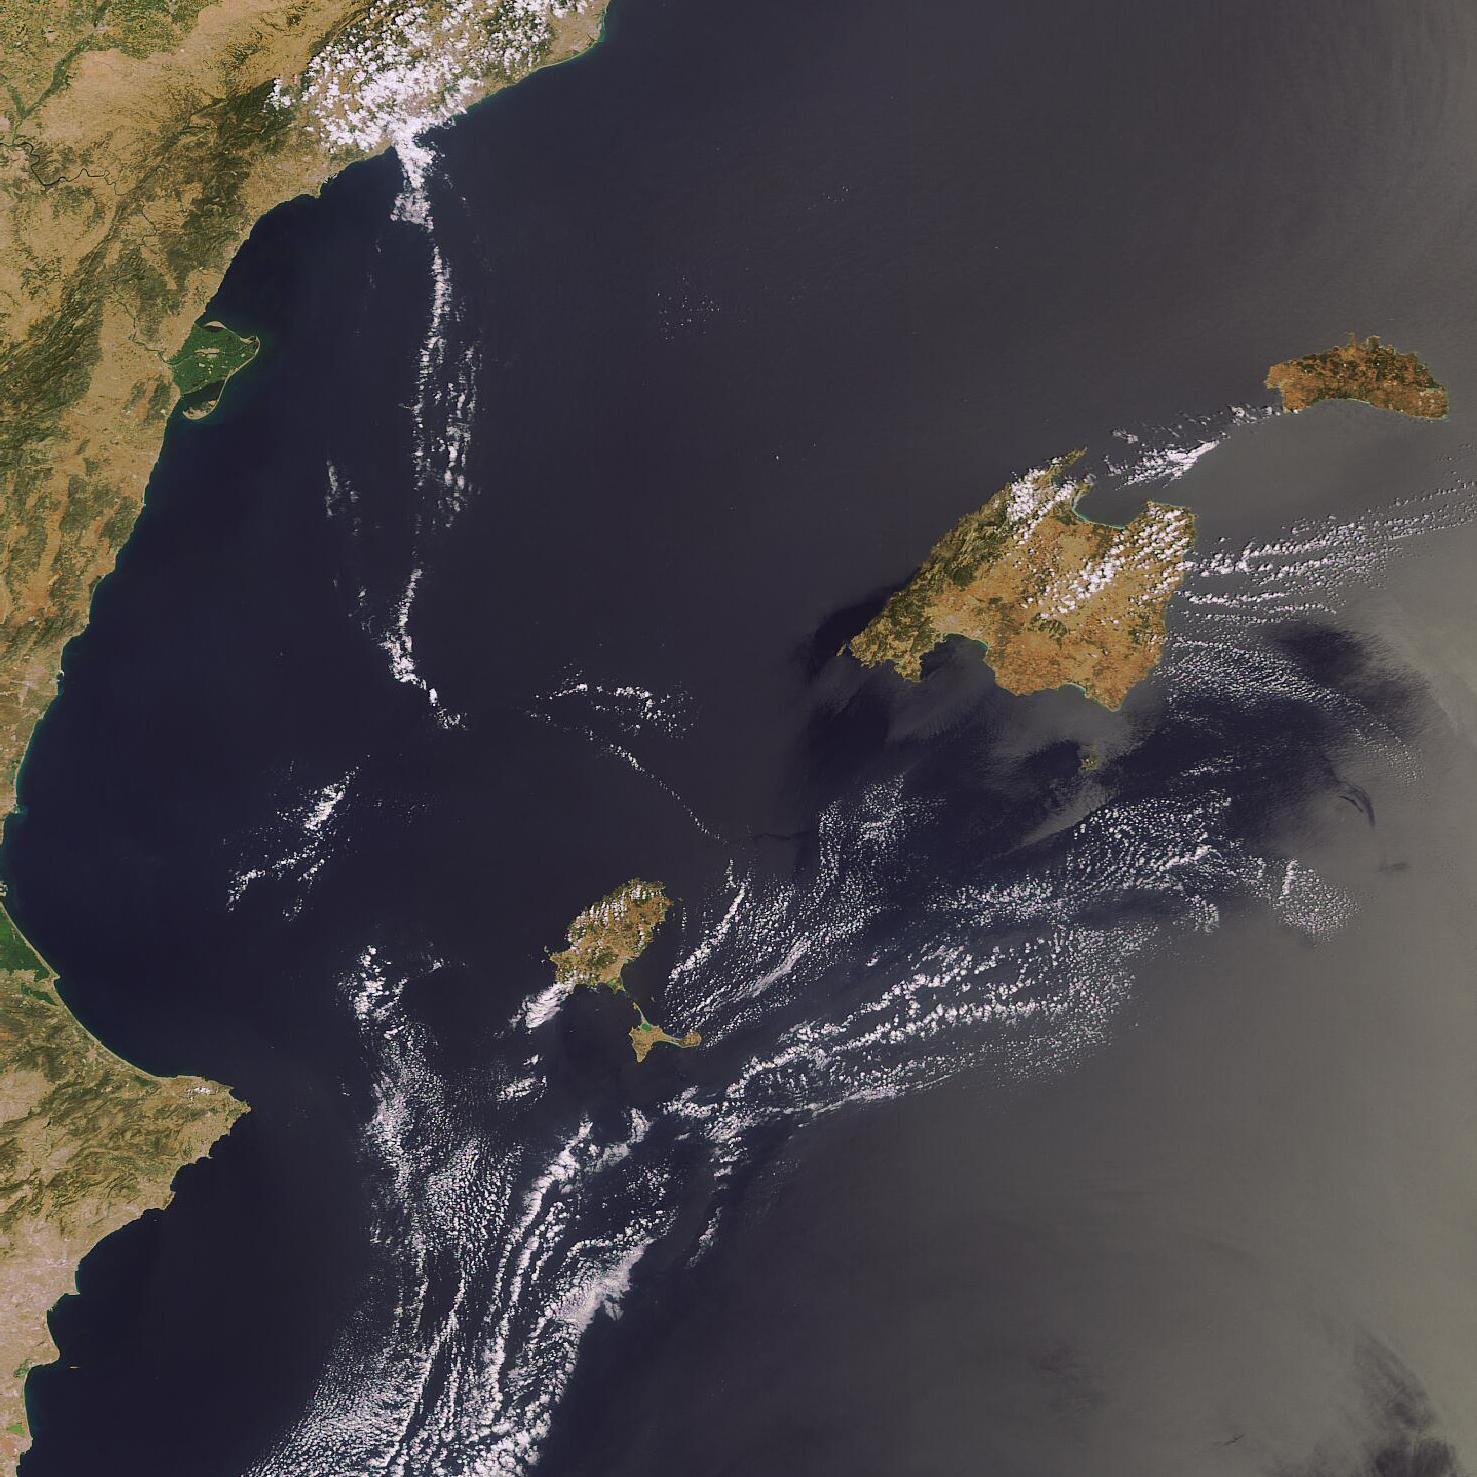 Los sextos del quevedo espa a f sica - Islas de baleares ...